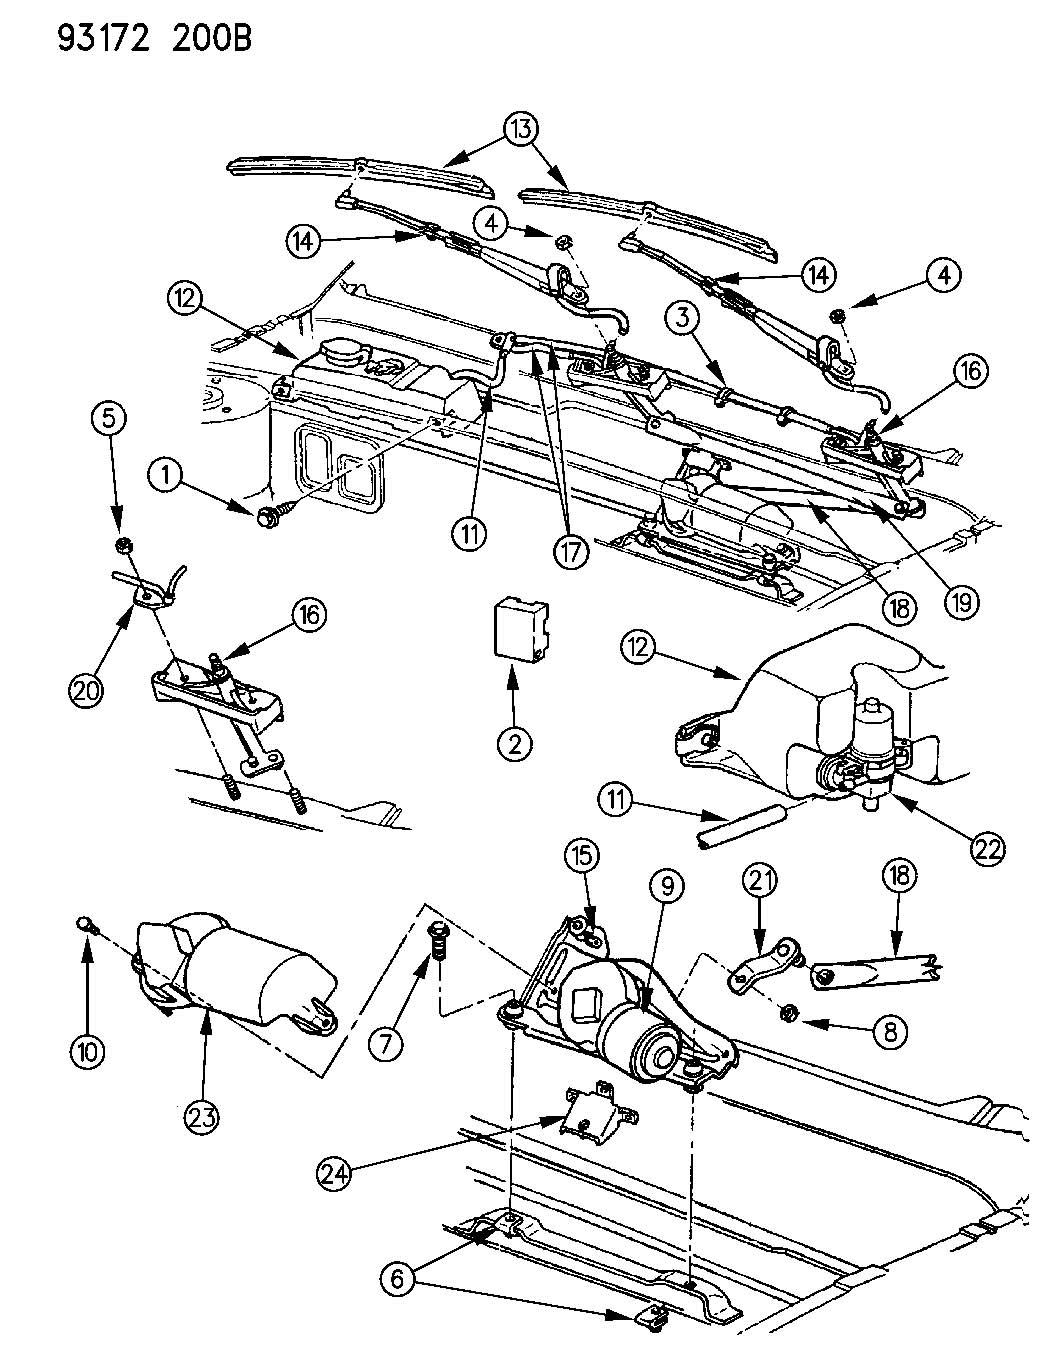 2008 dodge nitro engine diagram 4 wire delco remy alternator wiring windshield washer parts